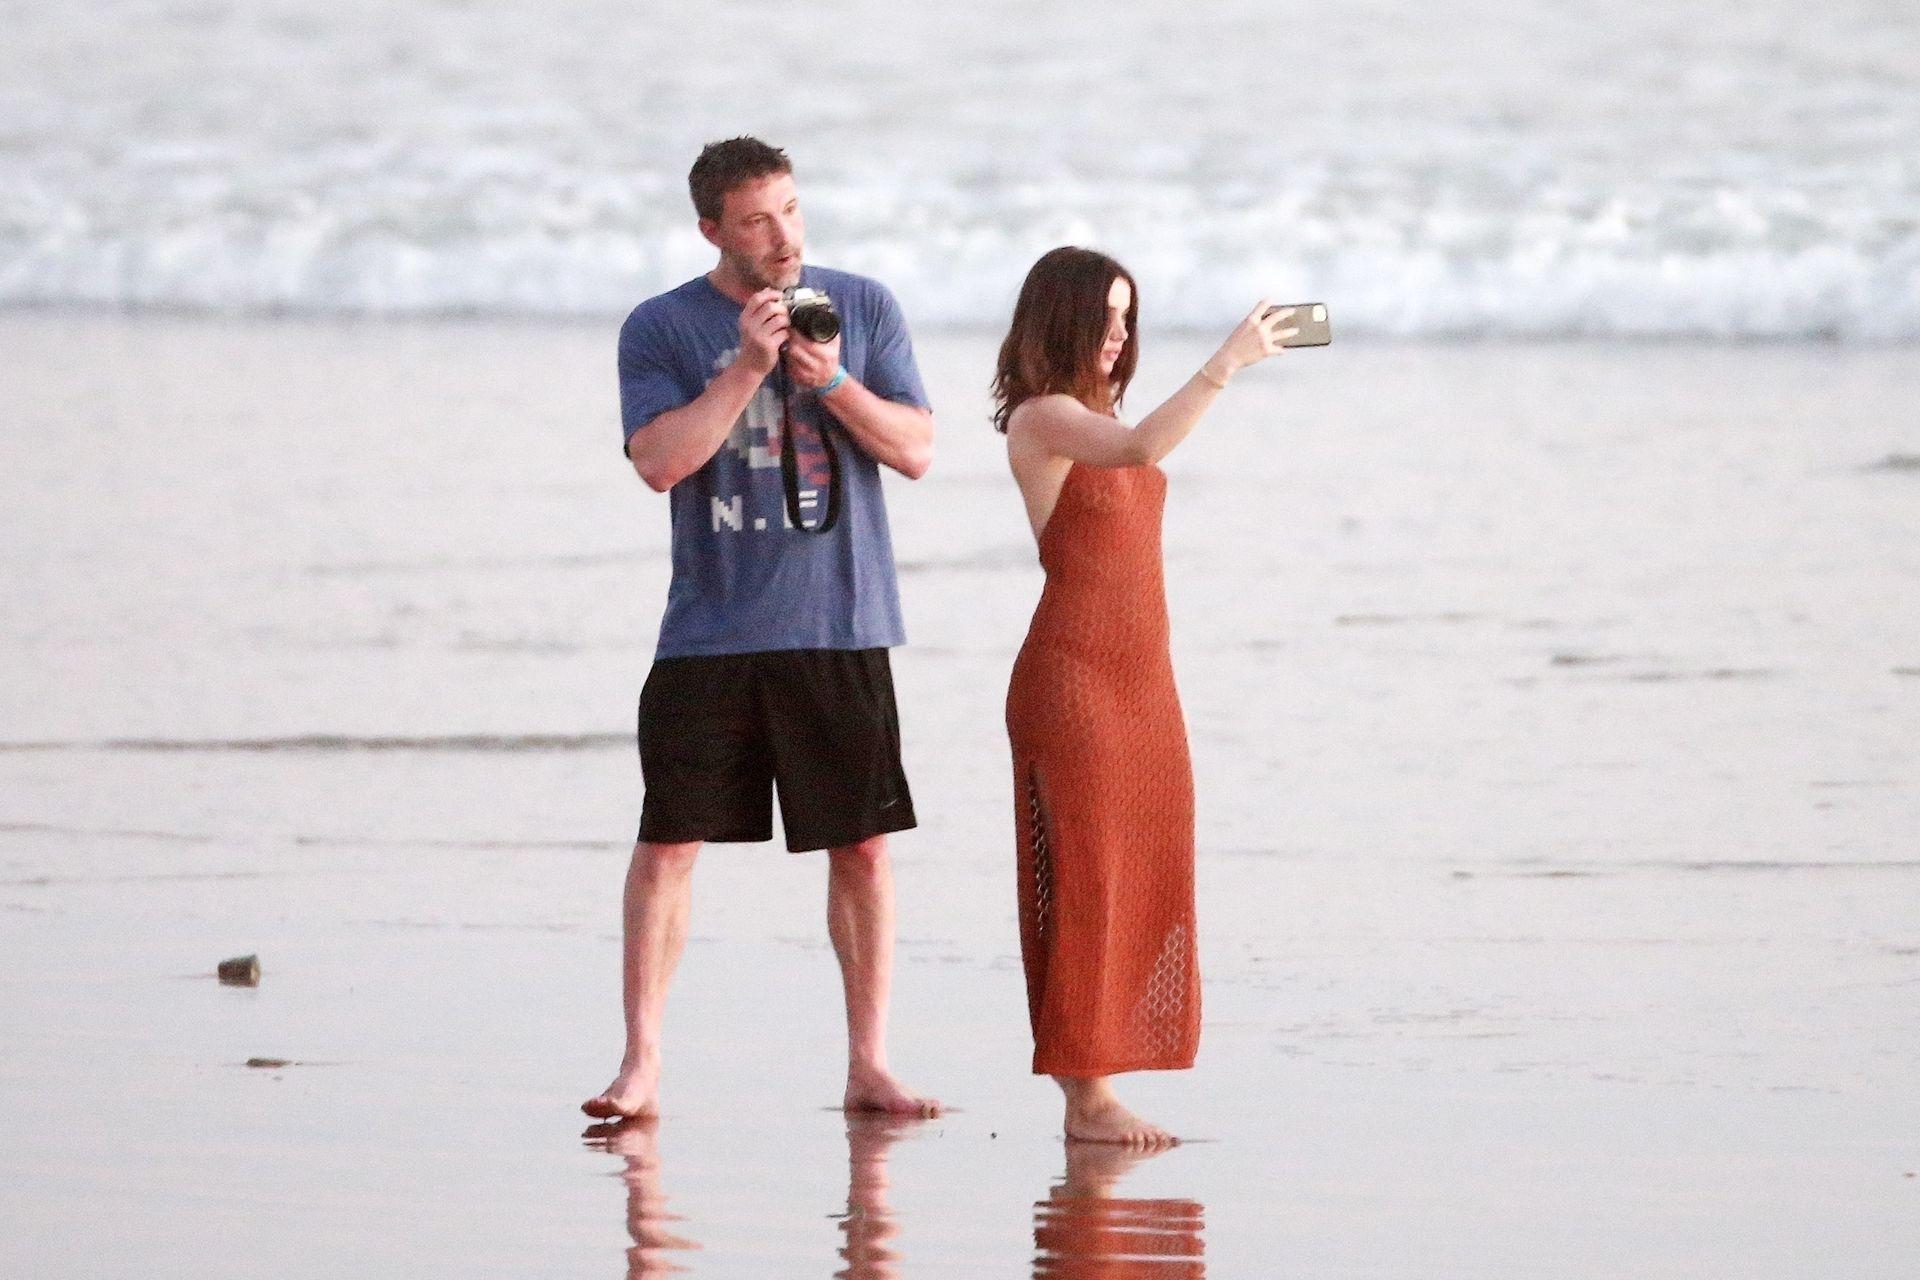 Ben Affleck & Ana De Armas Enjoy A Pda Moment During Romantic Beach Stroll In Costa Rica 0014